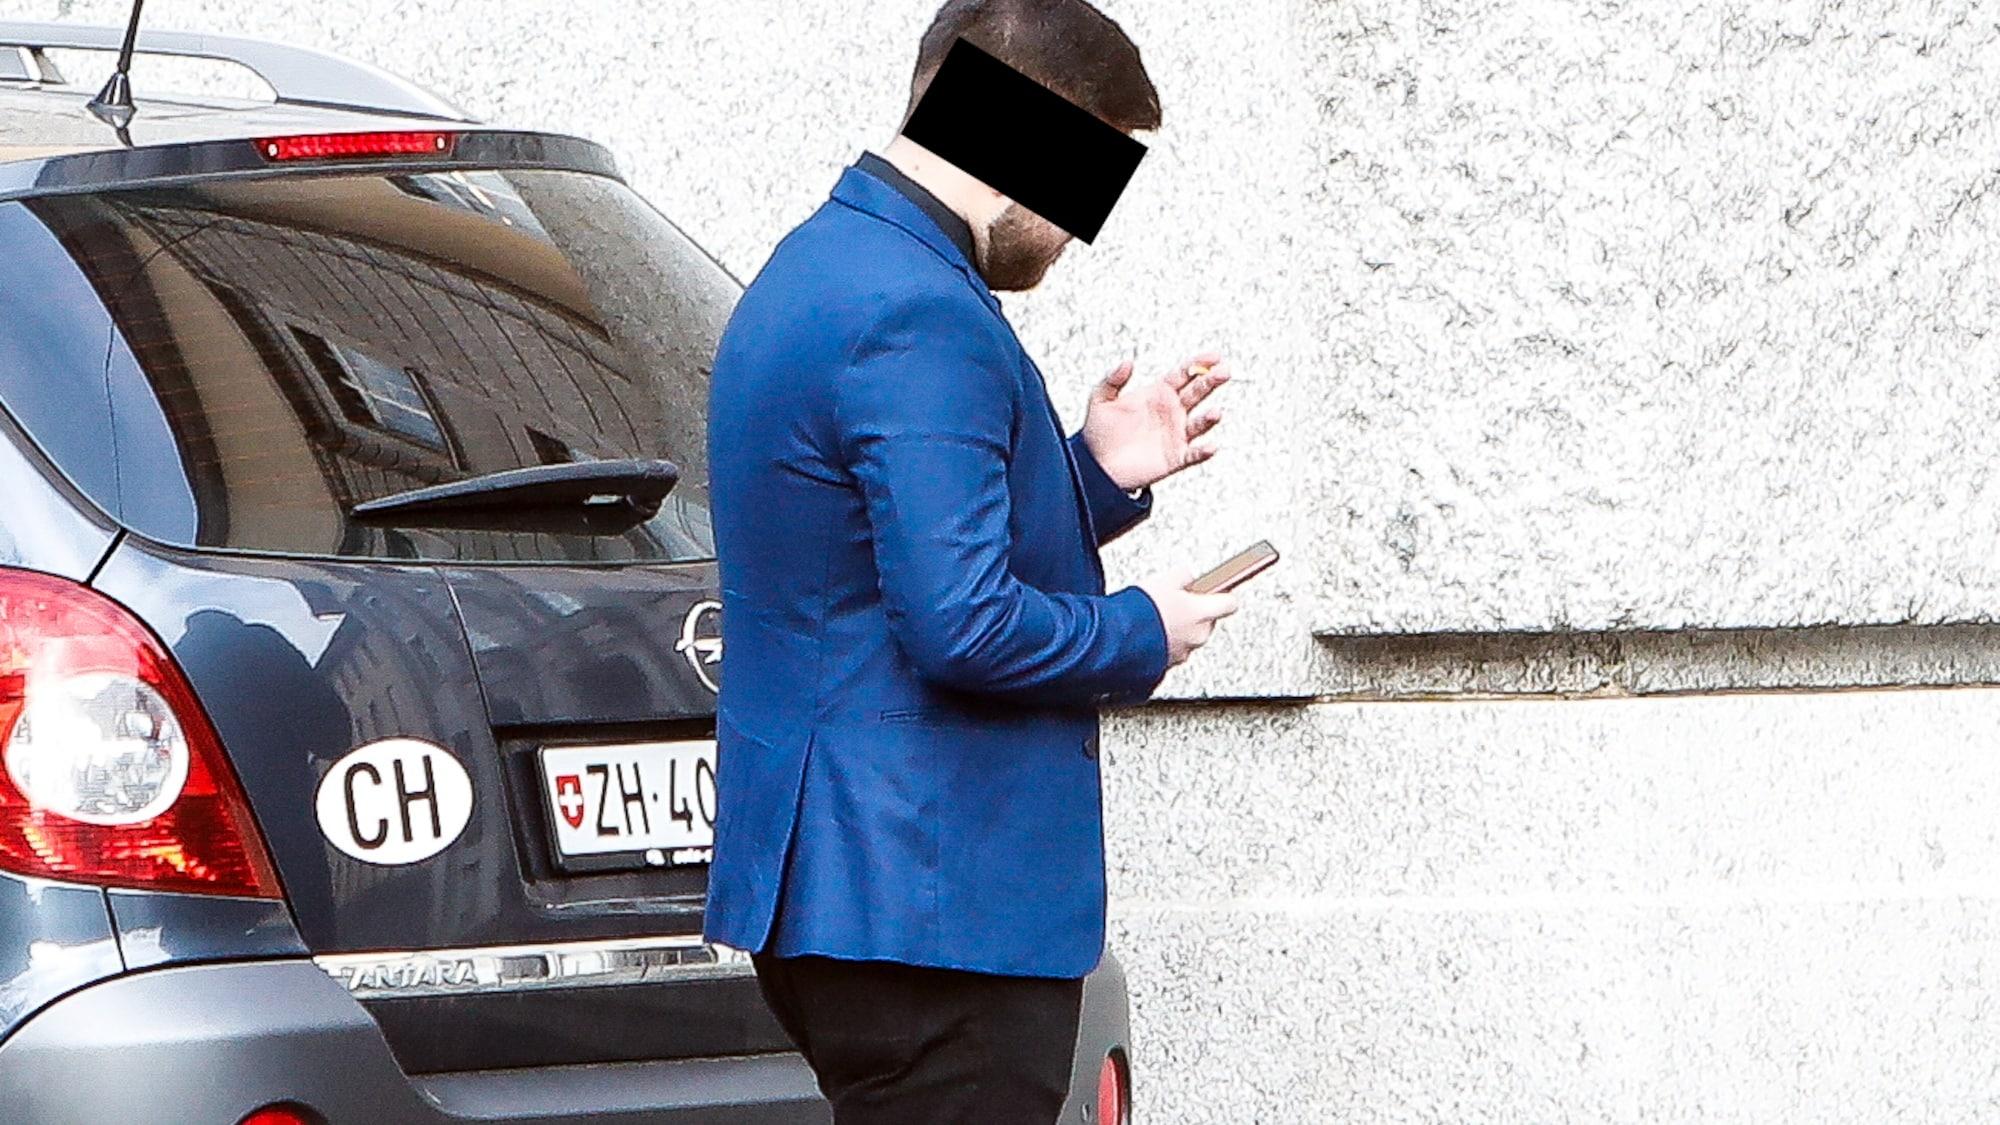 Schläger kommt mit blauem Auge davon: Sandro L. (19) prügelte Teenager spitalreif – wegen 20 Fr